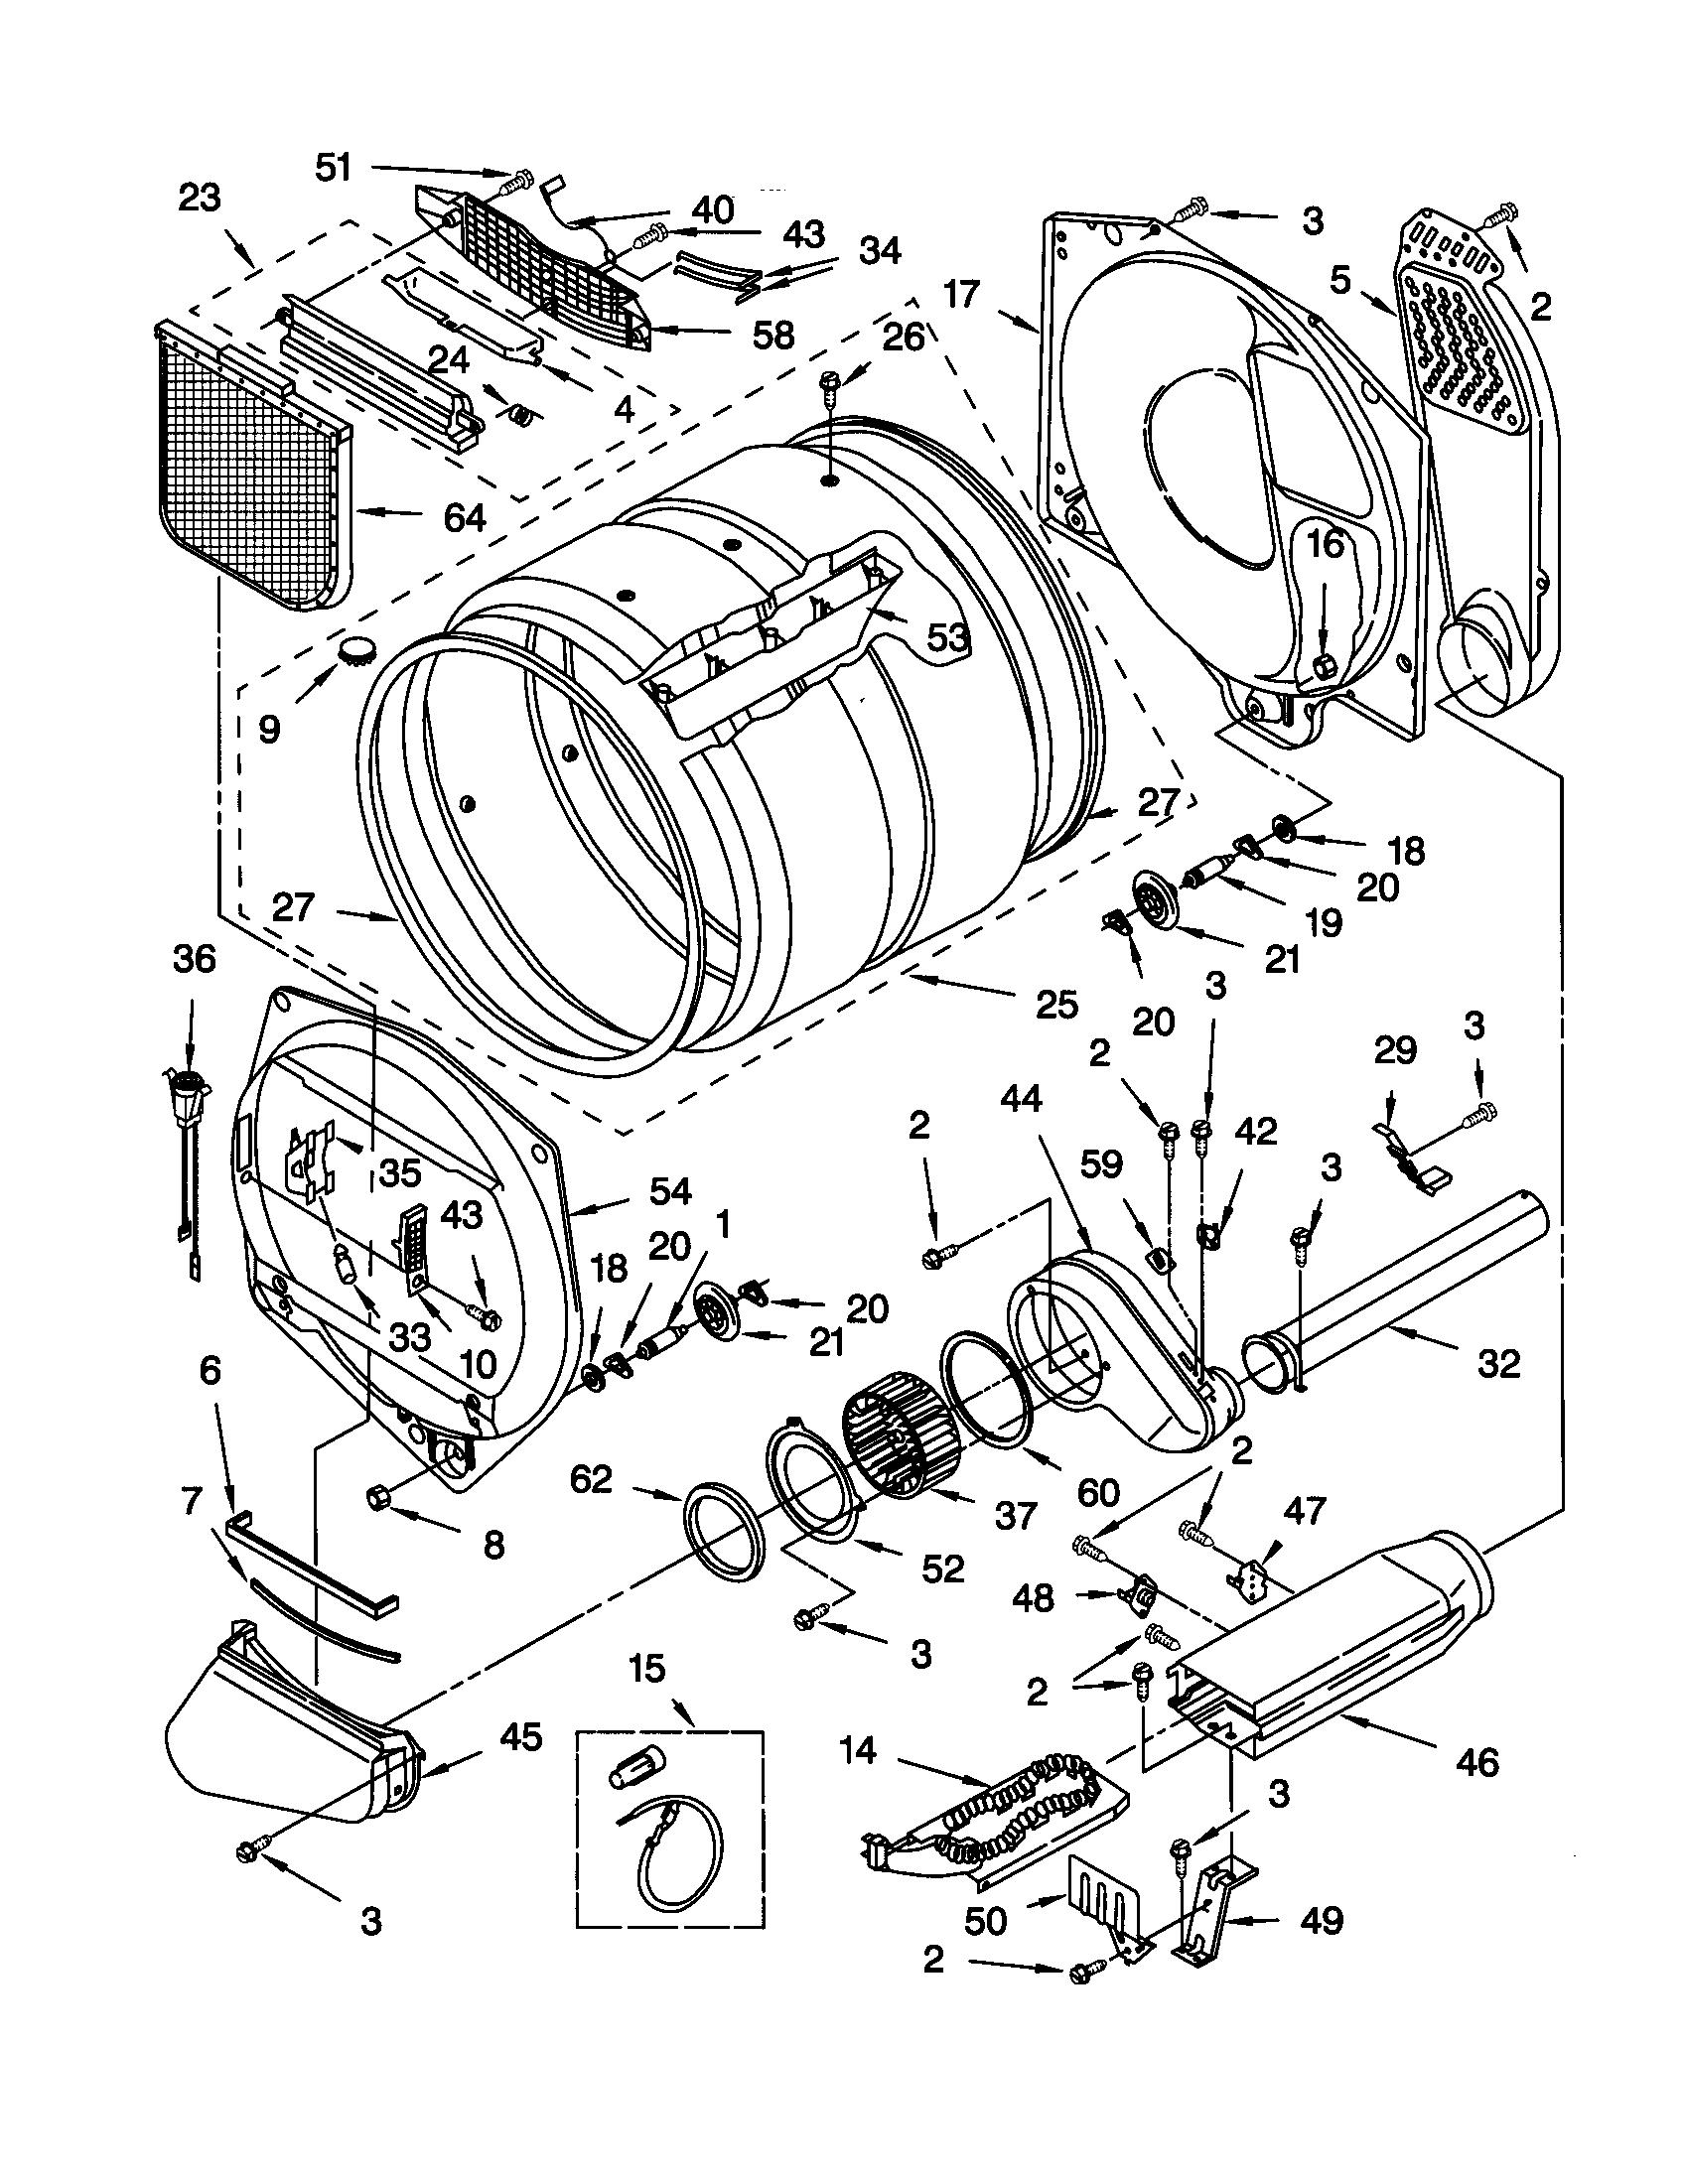 hight resolution of kenmore 70 series dryer wiring diagram simple wiring schema rh 45 aspire atlantis de kenmore elite dryer wire diagram kenmore elite dryer wire diagram